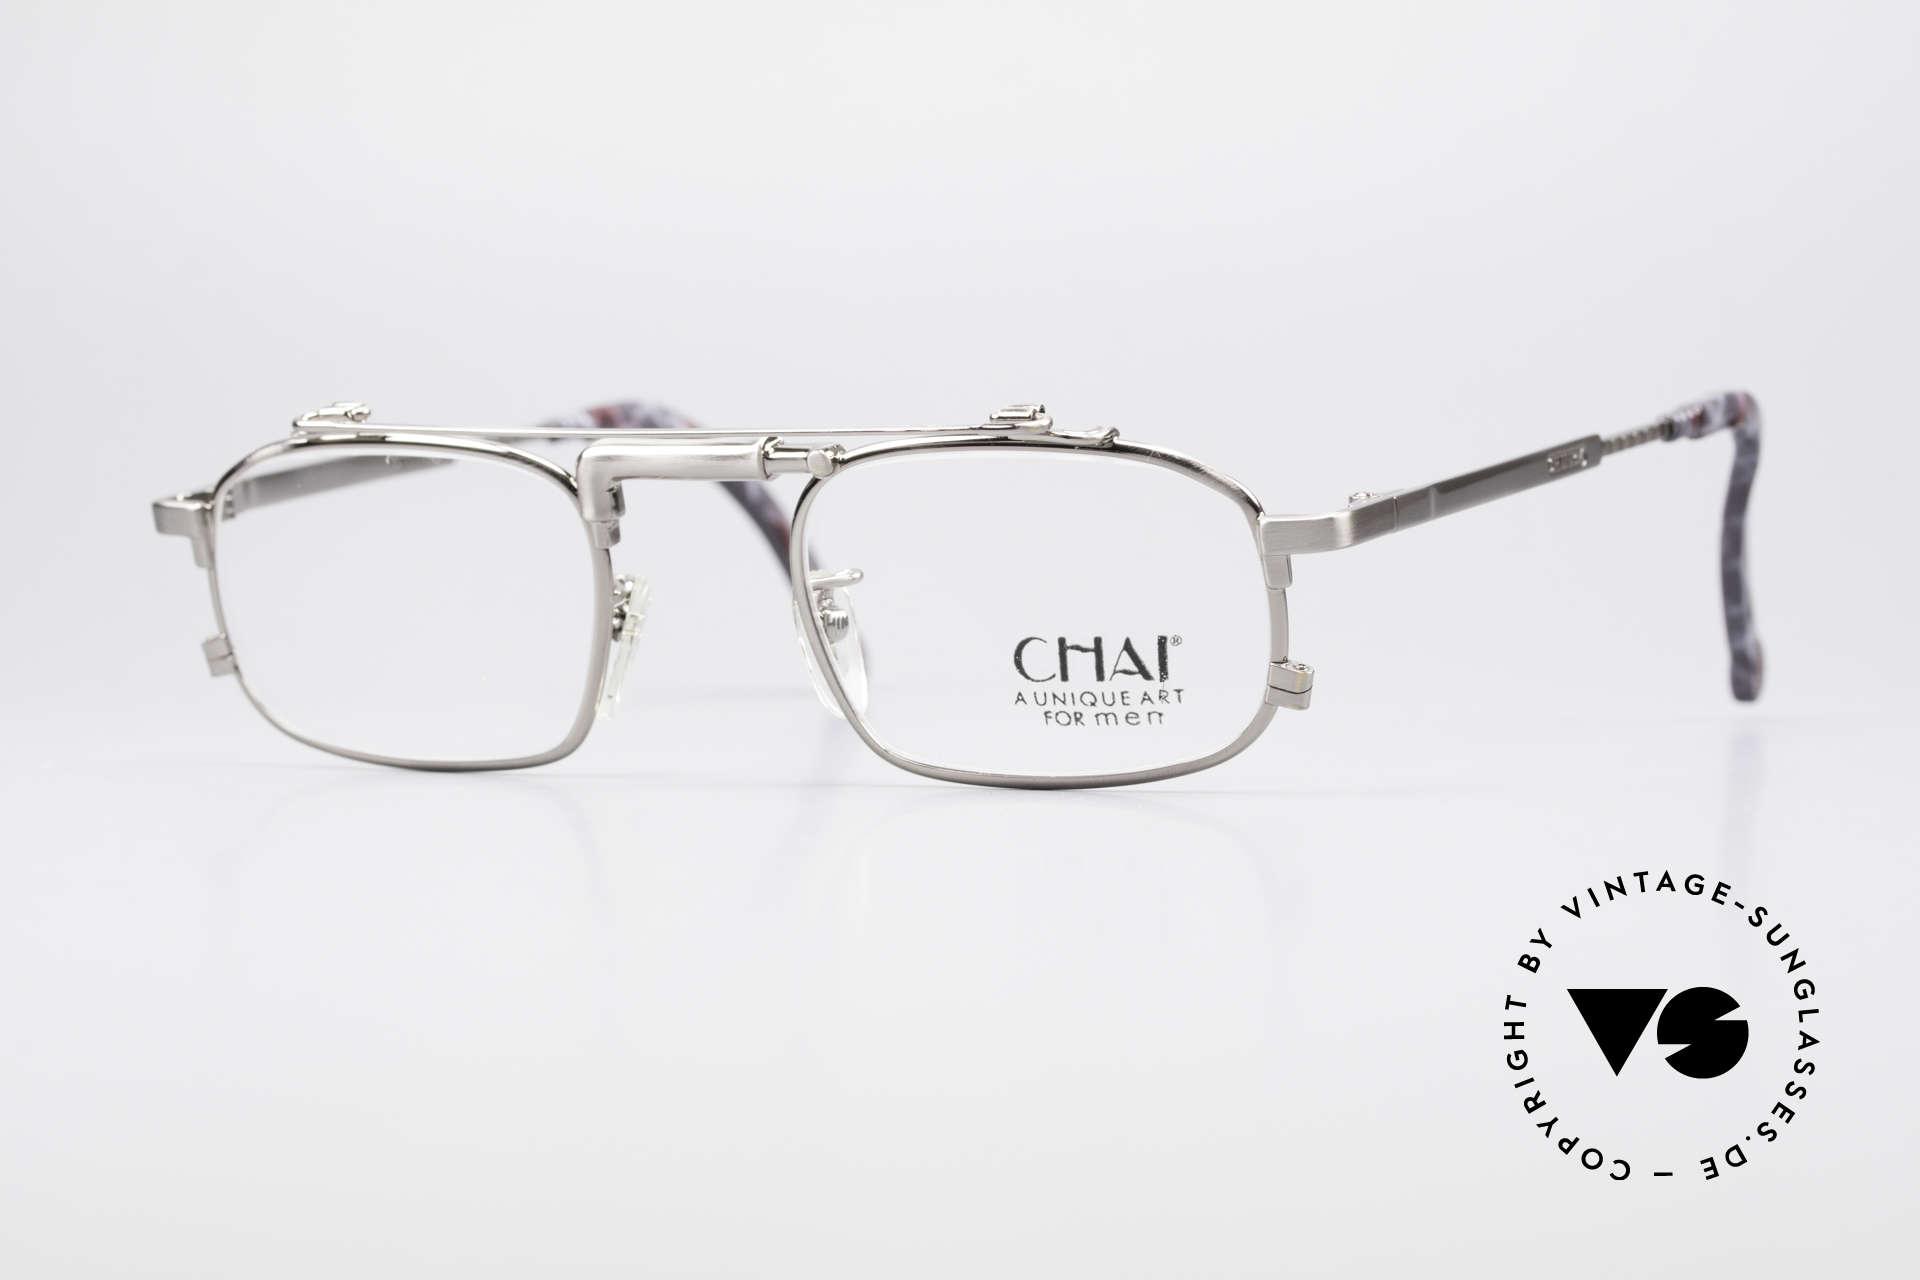 Chai No4 Square Industrial Vintage Brille 90er, außergewöhnliche CHAI vintage Brillen-Fassung, Passend für Herren und Damen